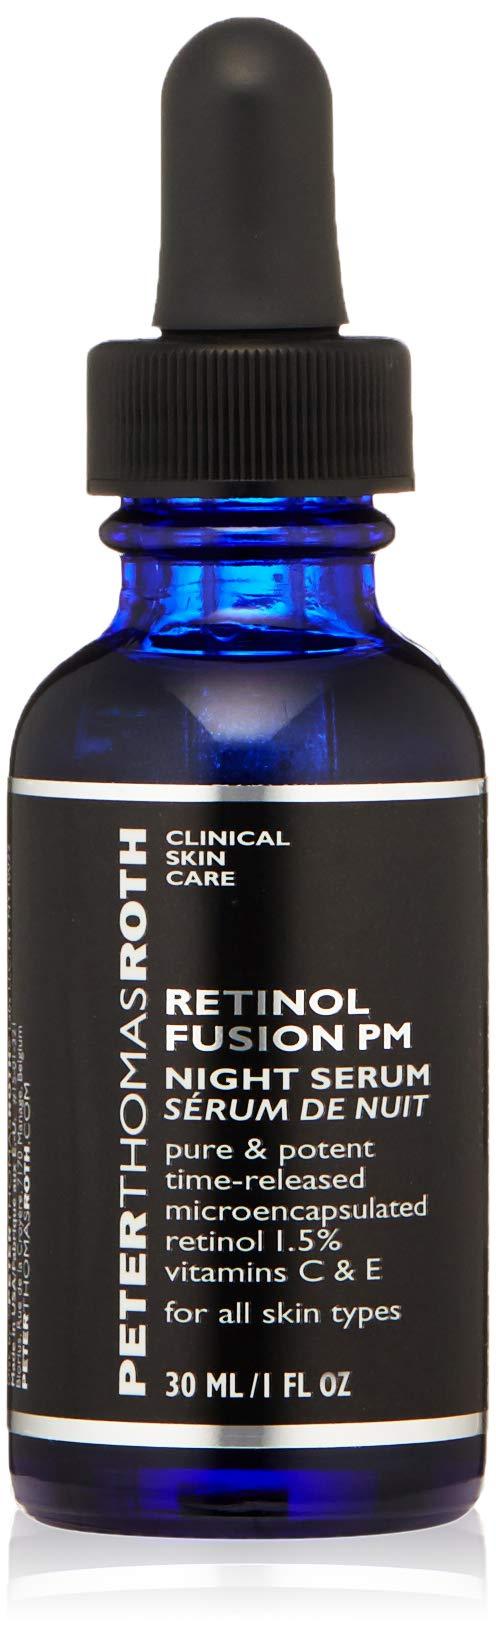 Peter Thomas Roth Retinol Fusion Pm Night Serum, 1 fl. oz.